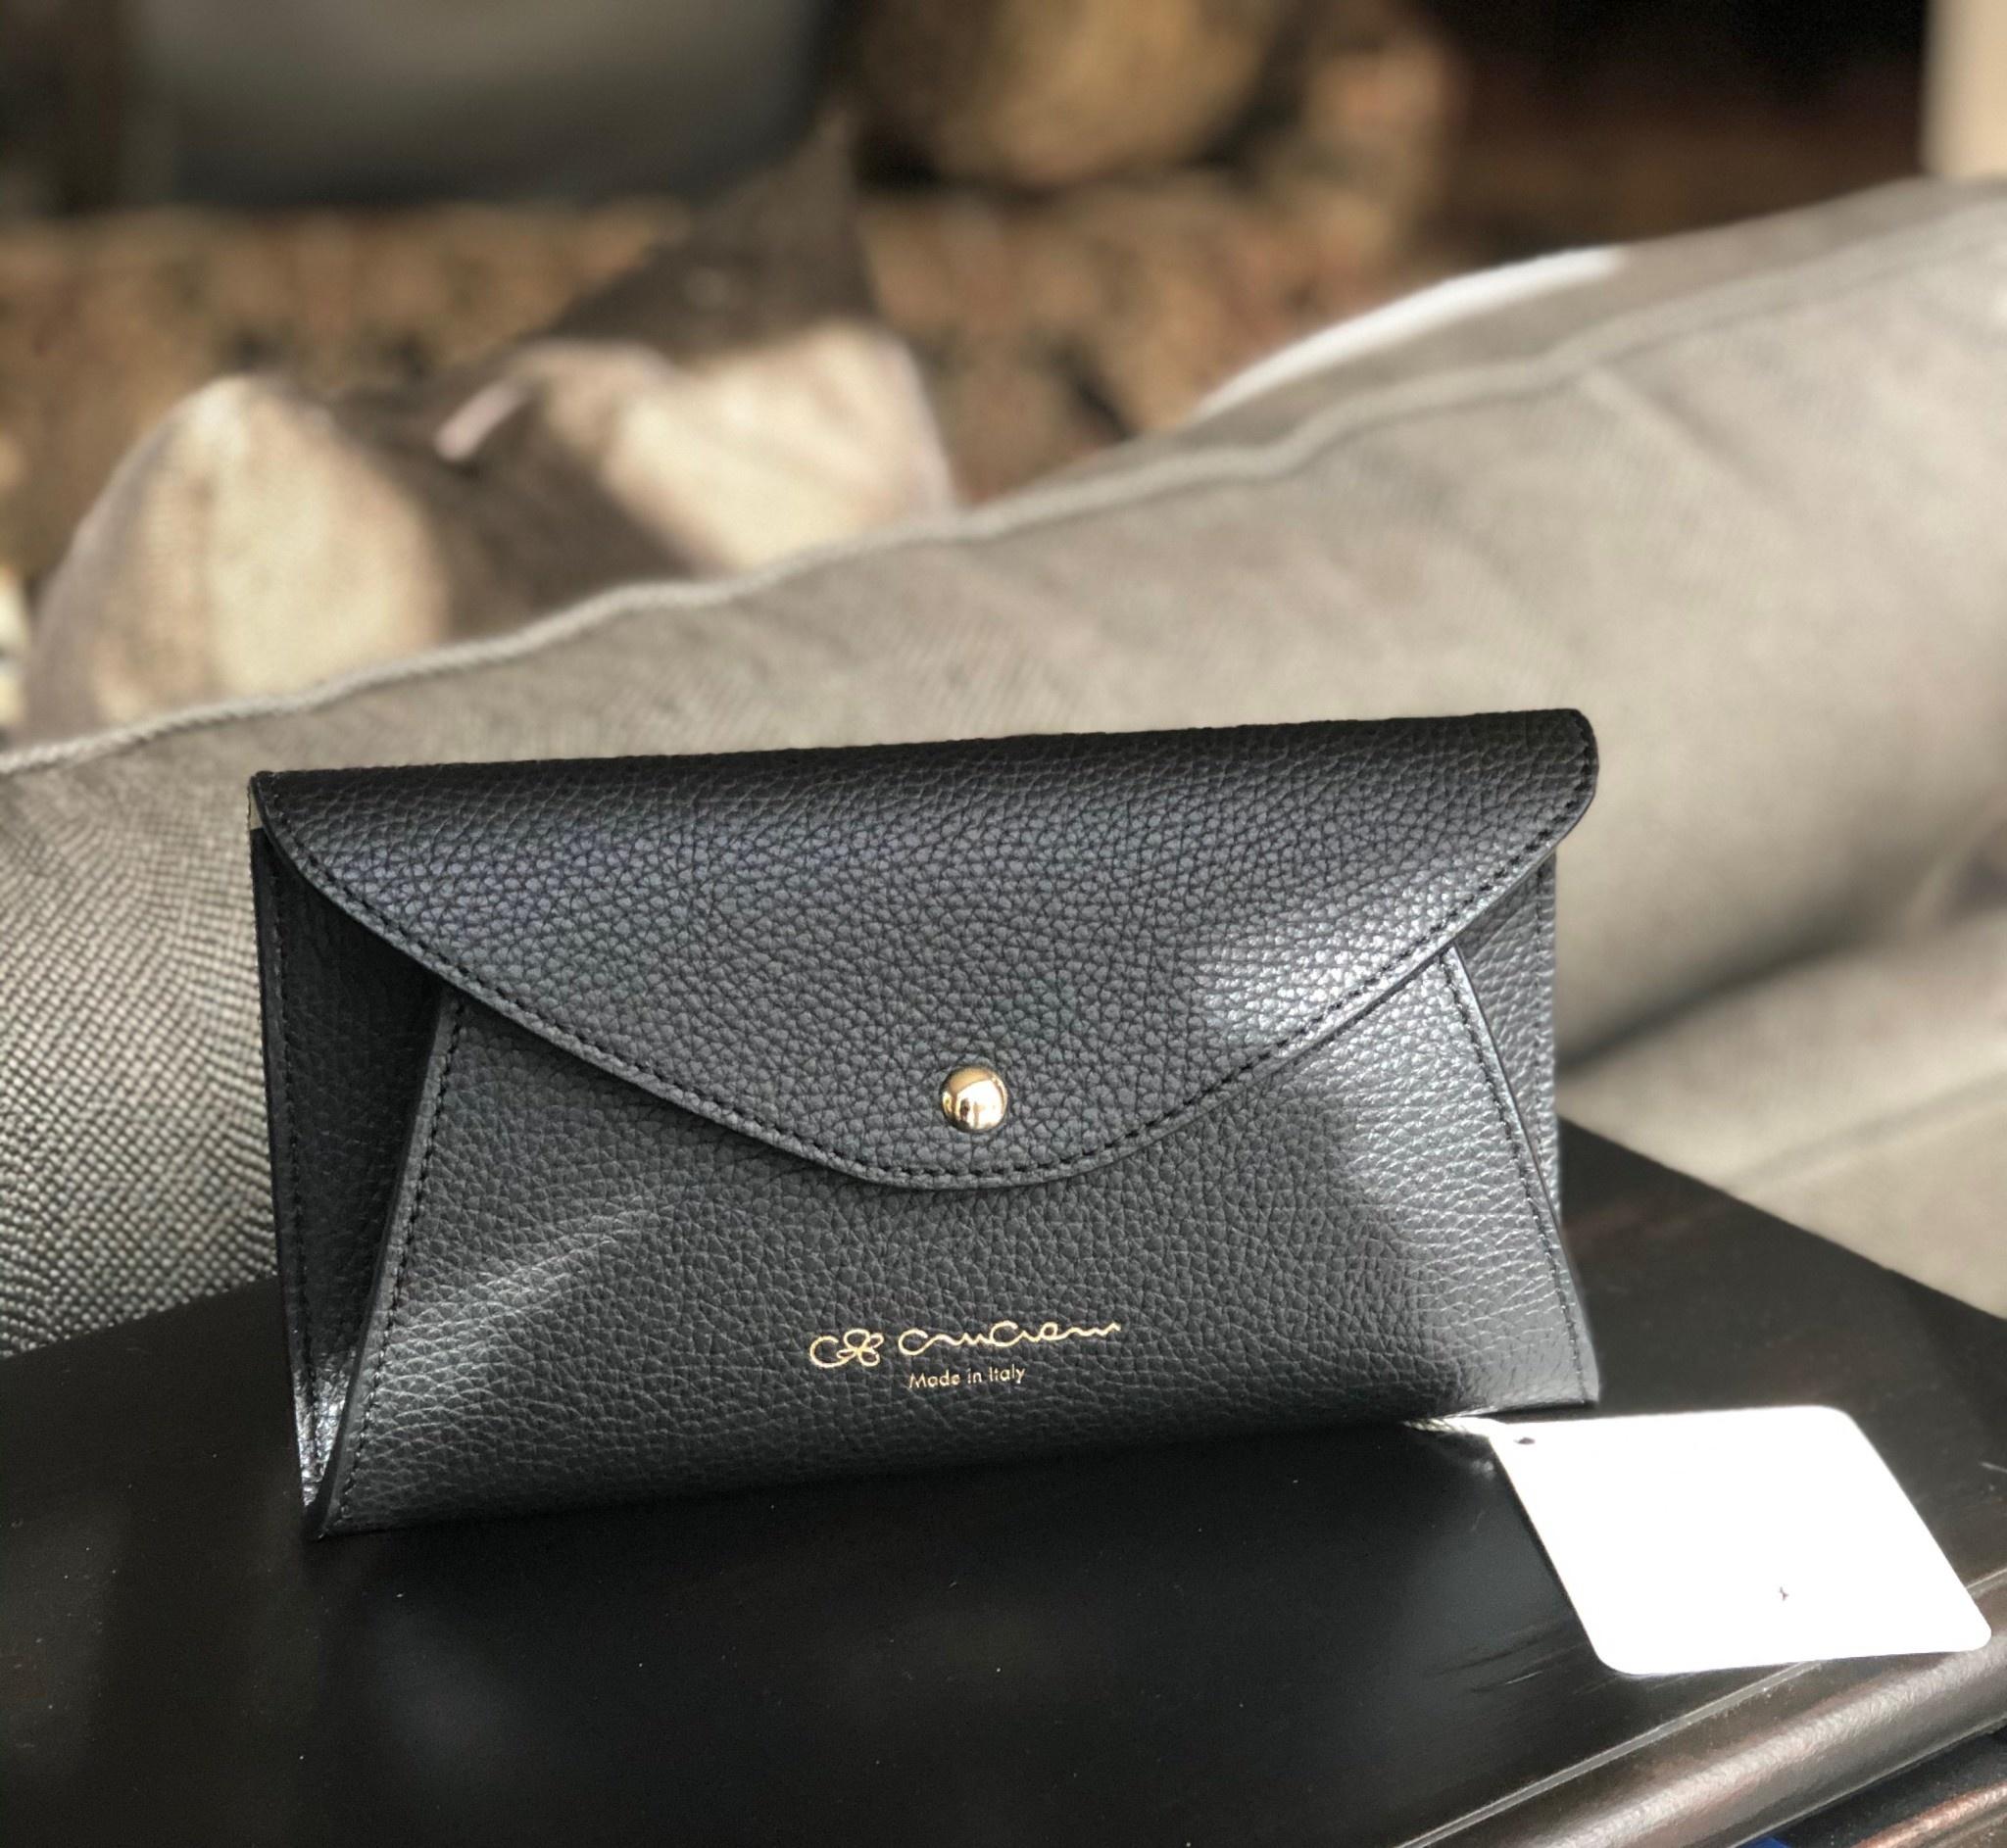 Cruciani CRUCIANI: Belty Bag - Black